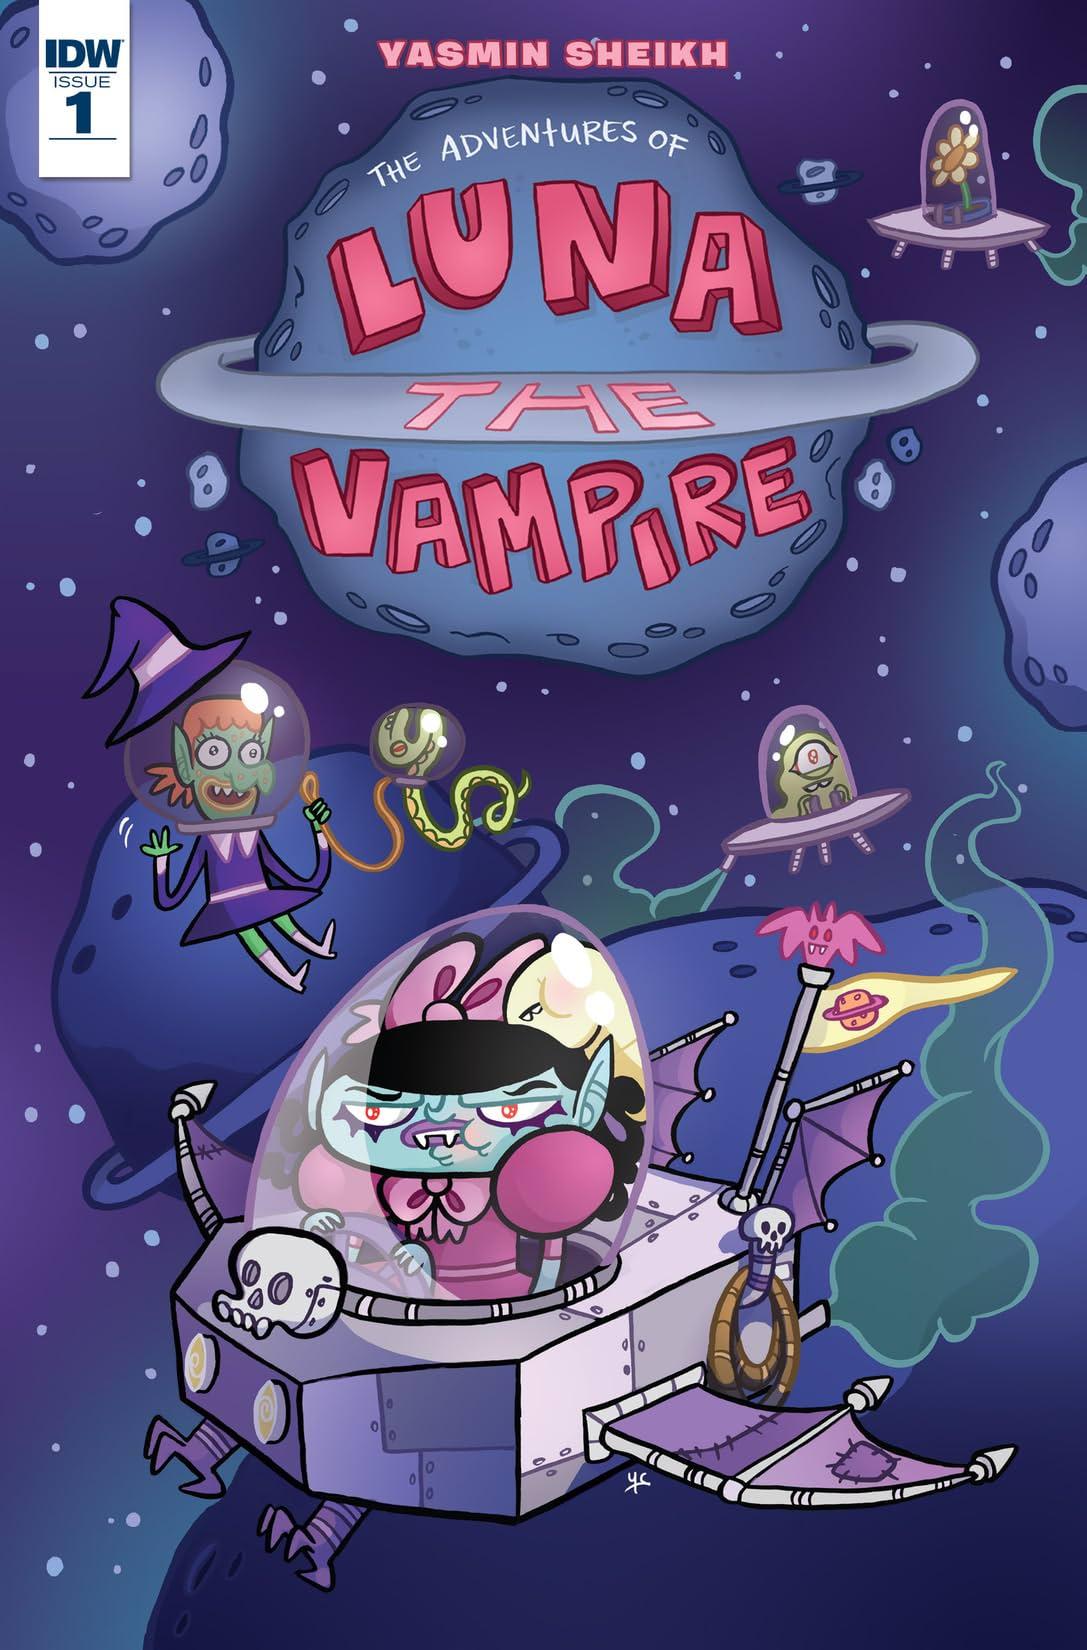 Luna the Vampire #1